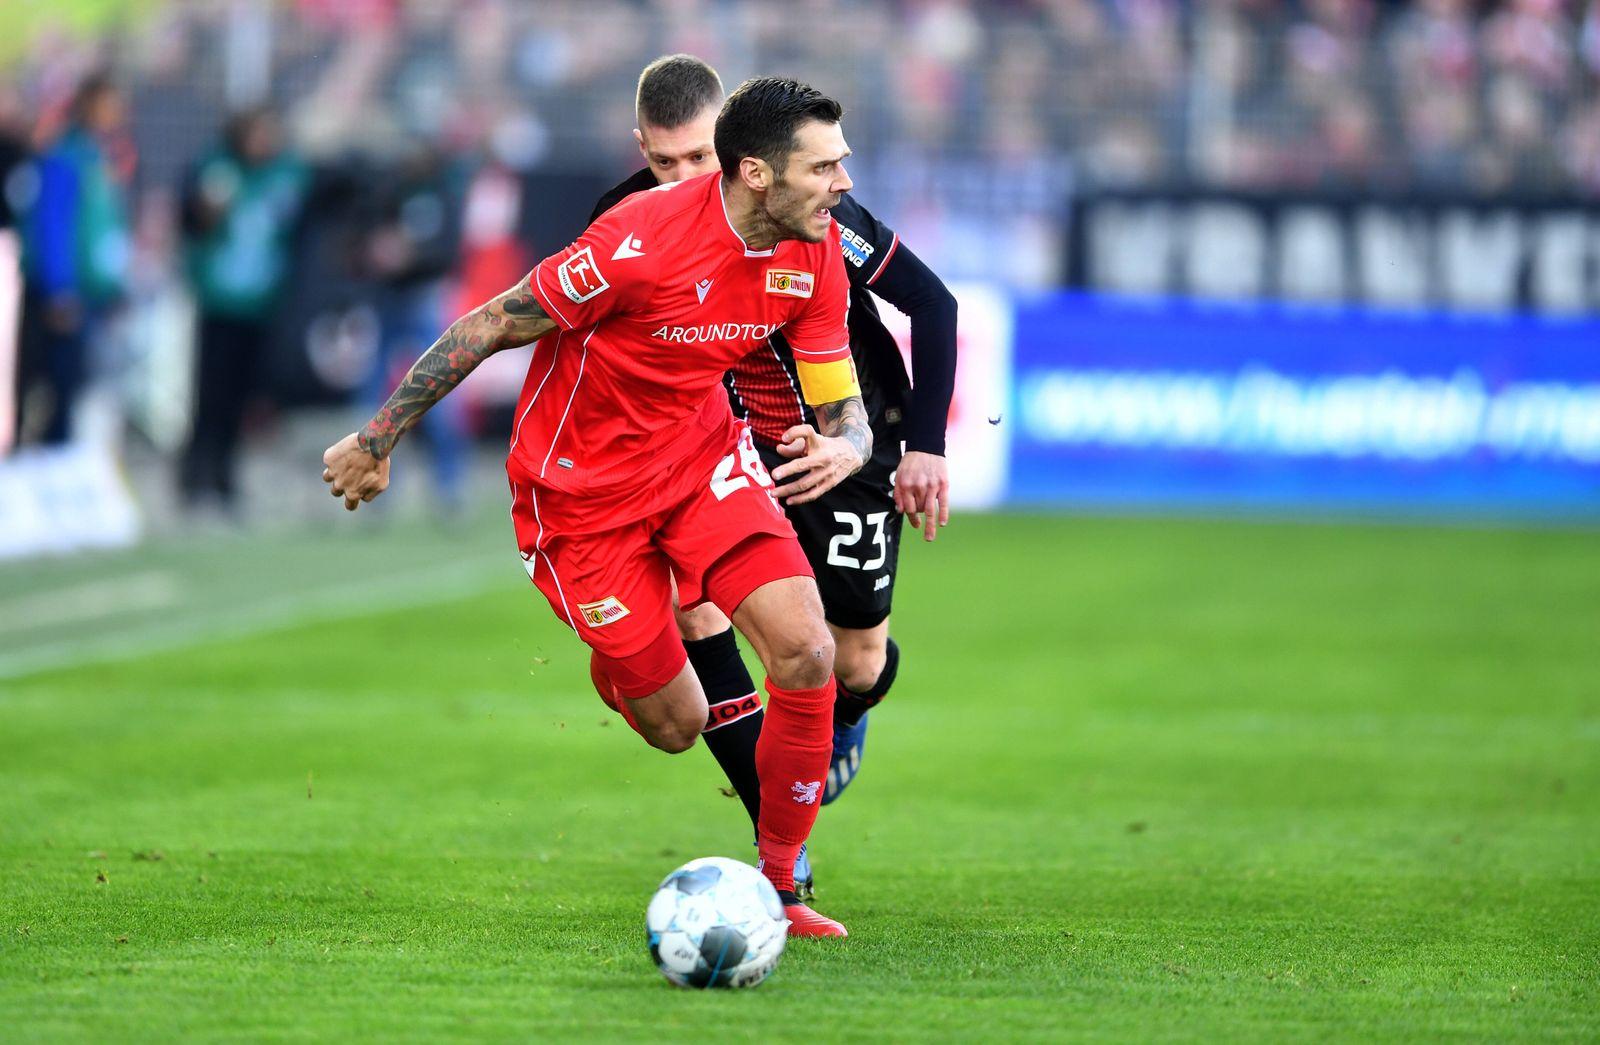 Christopher Trimmel (Union), beim Zweikampf mit Mitchell Weiser (Leverkusen), 1. FC Union Berlin - Bayer 04 Leverkusen 1